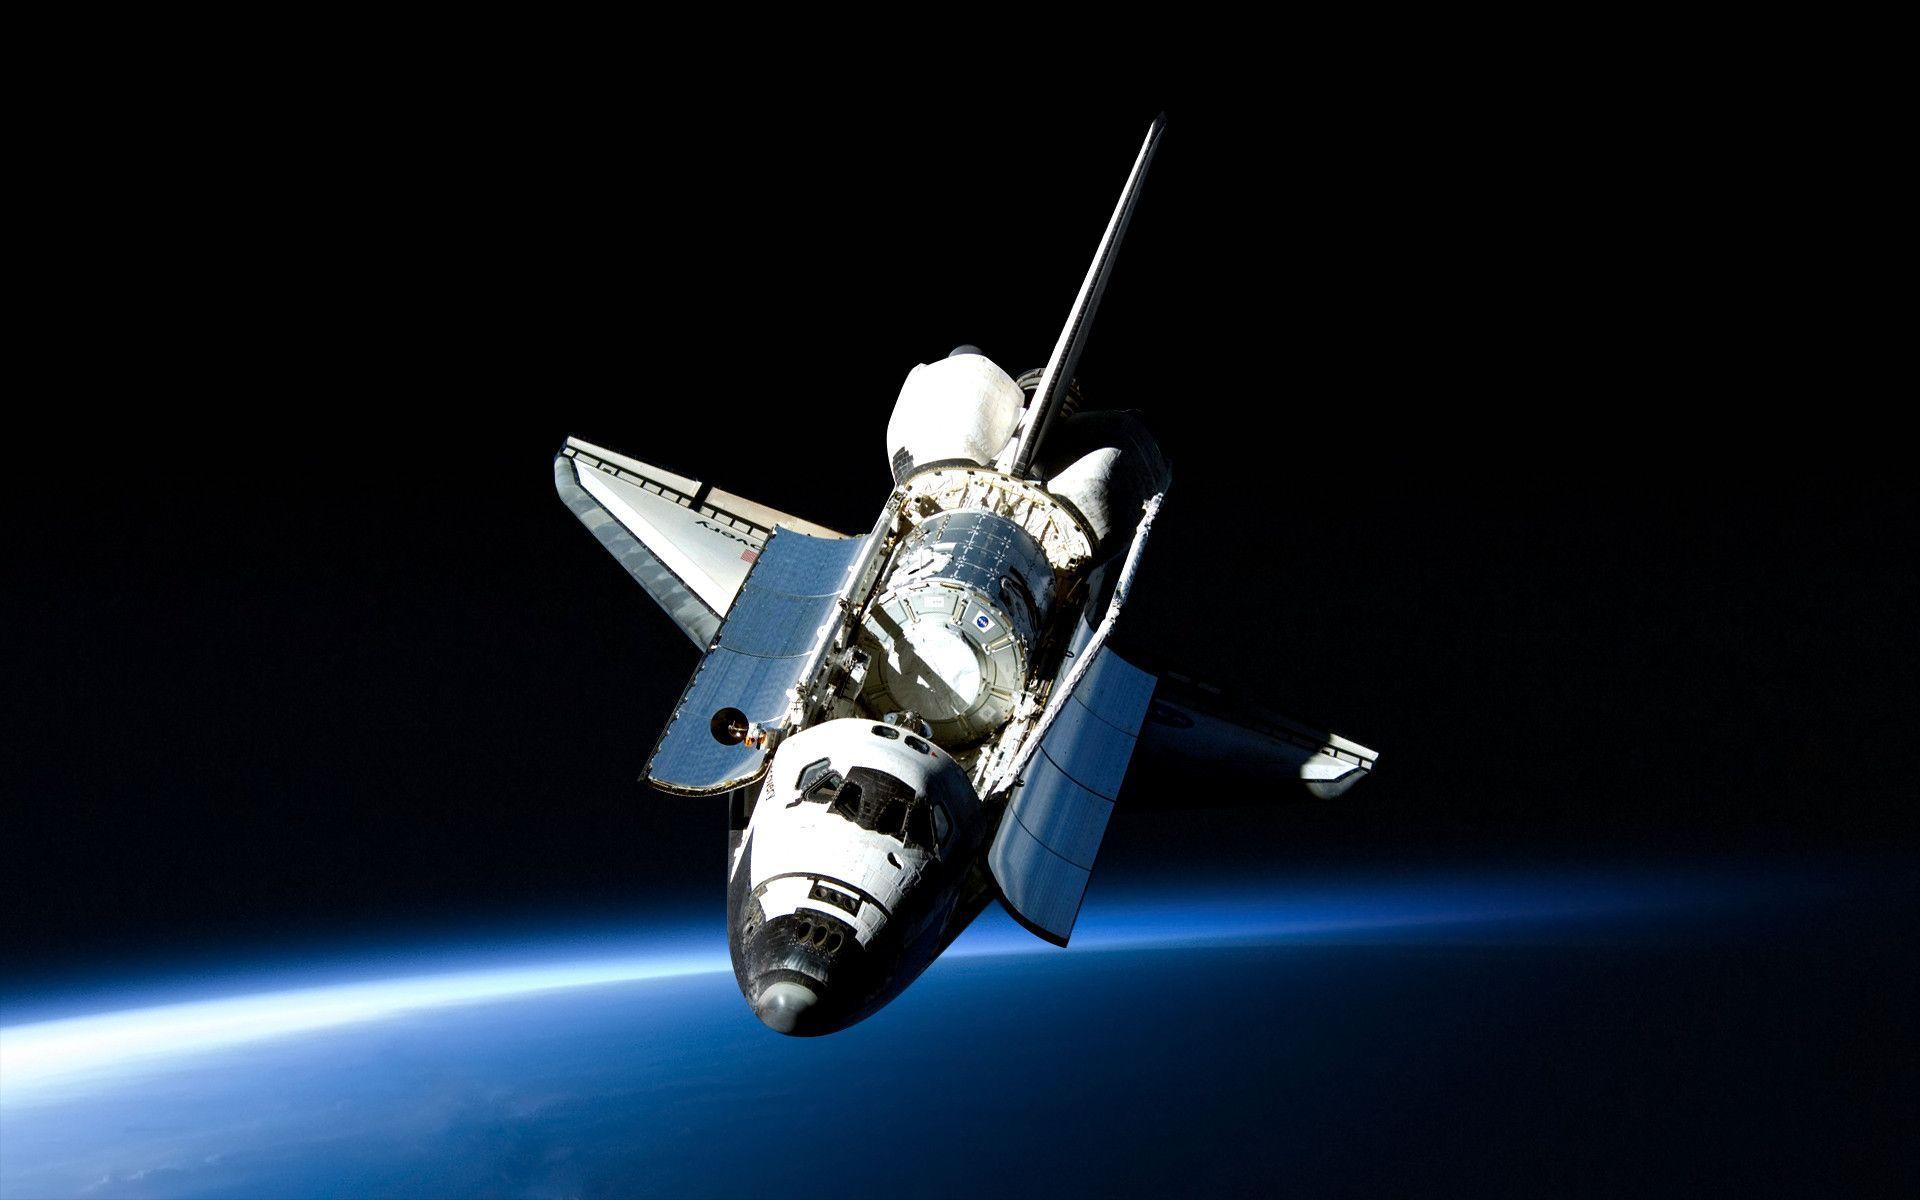 Американский космический корабль многоразового использования Спэйс-Шатл во время работы на орбите